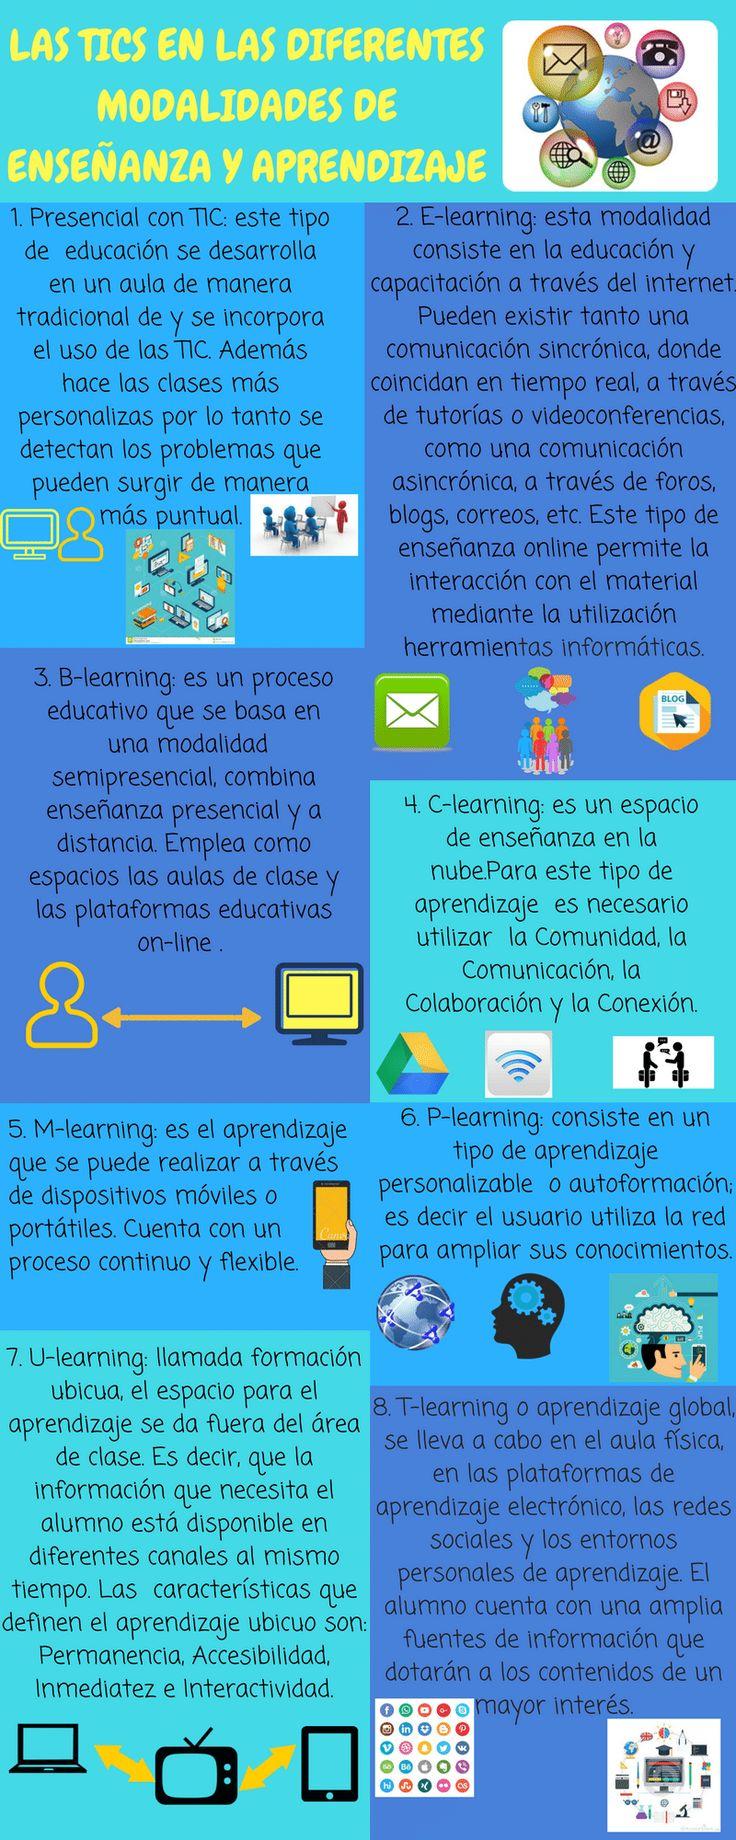 infongrafía de tics y sus modalidades para la enseñanza y el aprendizaje